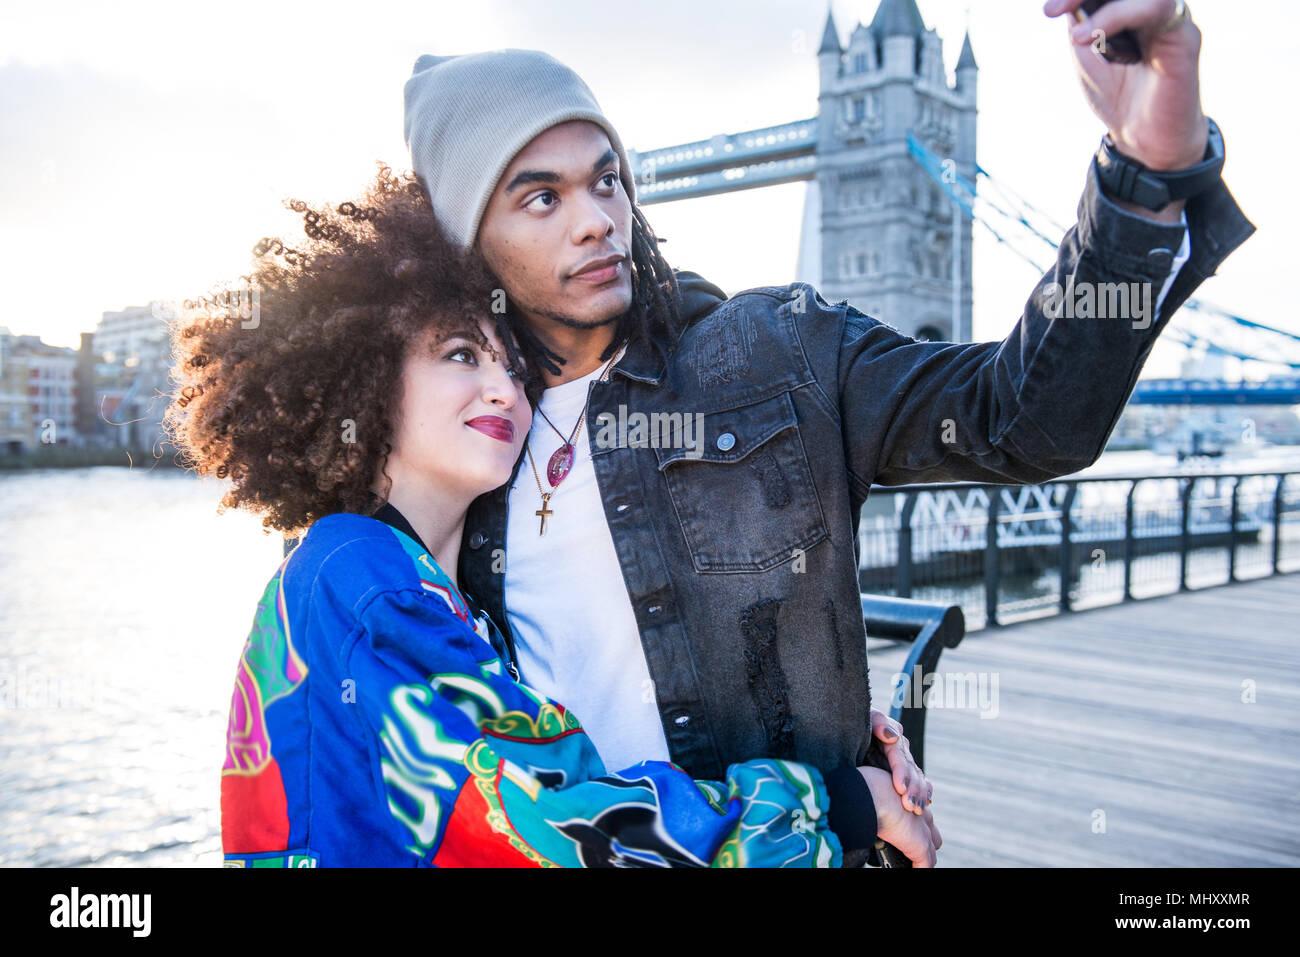 Coppia giovane all'aperto, tenendo selfie utilizza lo smartphone, Tower Bridge in background, London, England, Regno Unito Immagini Stock